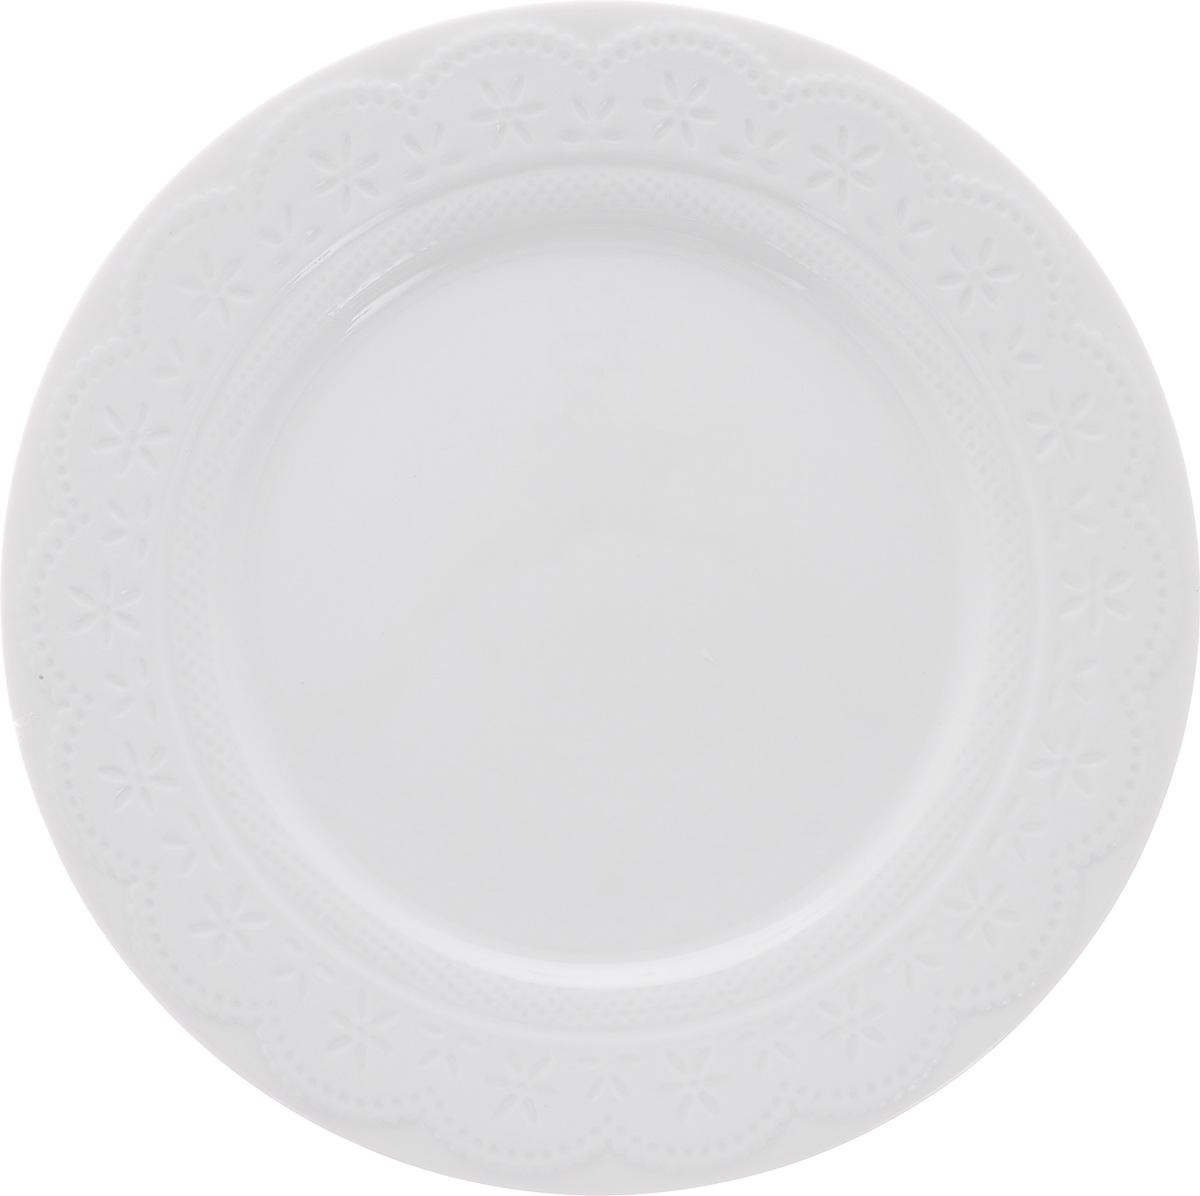 Тарелка десертная Walmer Charlotte, цвет: белый, диаметр 21 смFS-91909Десертная тарелка Walmer Charlotte выполнена из высококачественного фарфора. Изящный дизайн придется по вкусу и ценителям классики, и тем, кто предпочитает утонченность. Тарелка Walmer Charlotte, идеально подойдет для сервировки стола и станет отличным подарком к любому празднику.Можно использовать в микроволновой печи и мыть в посудомоечных машинах.